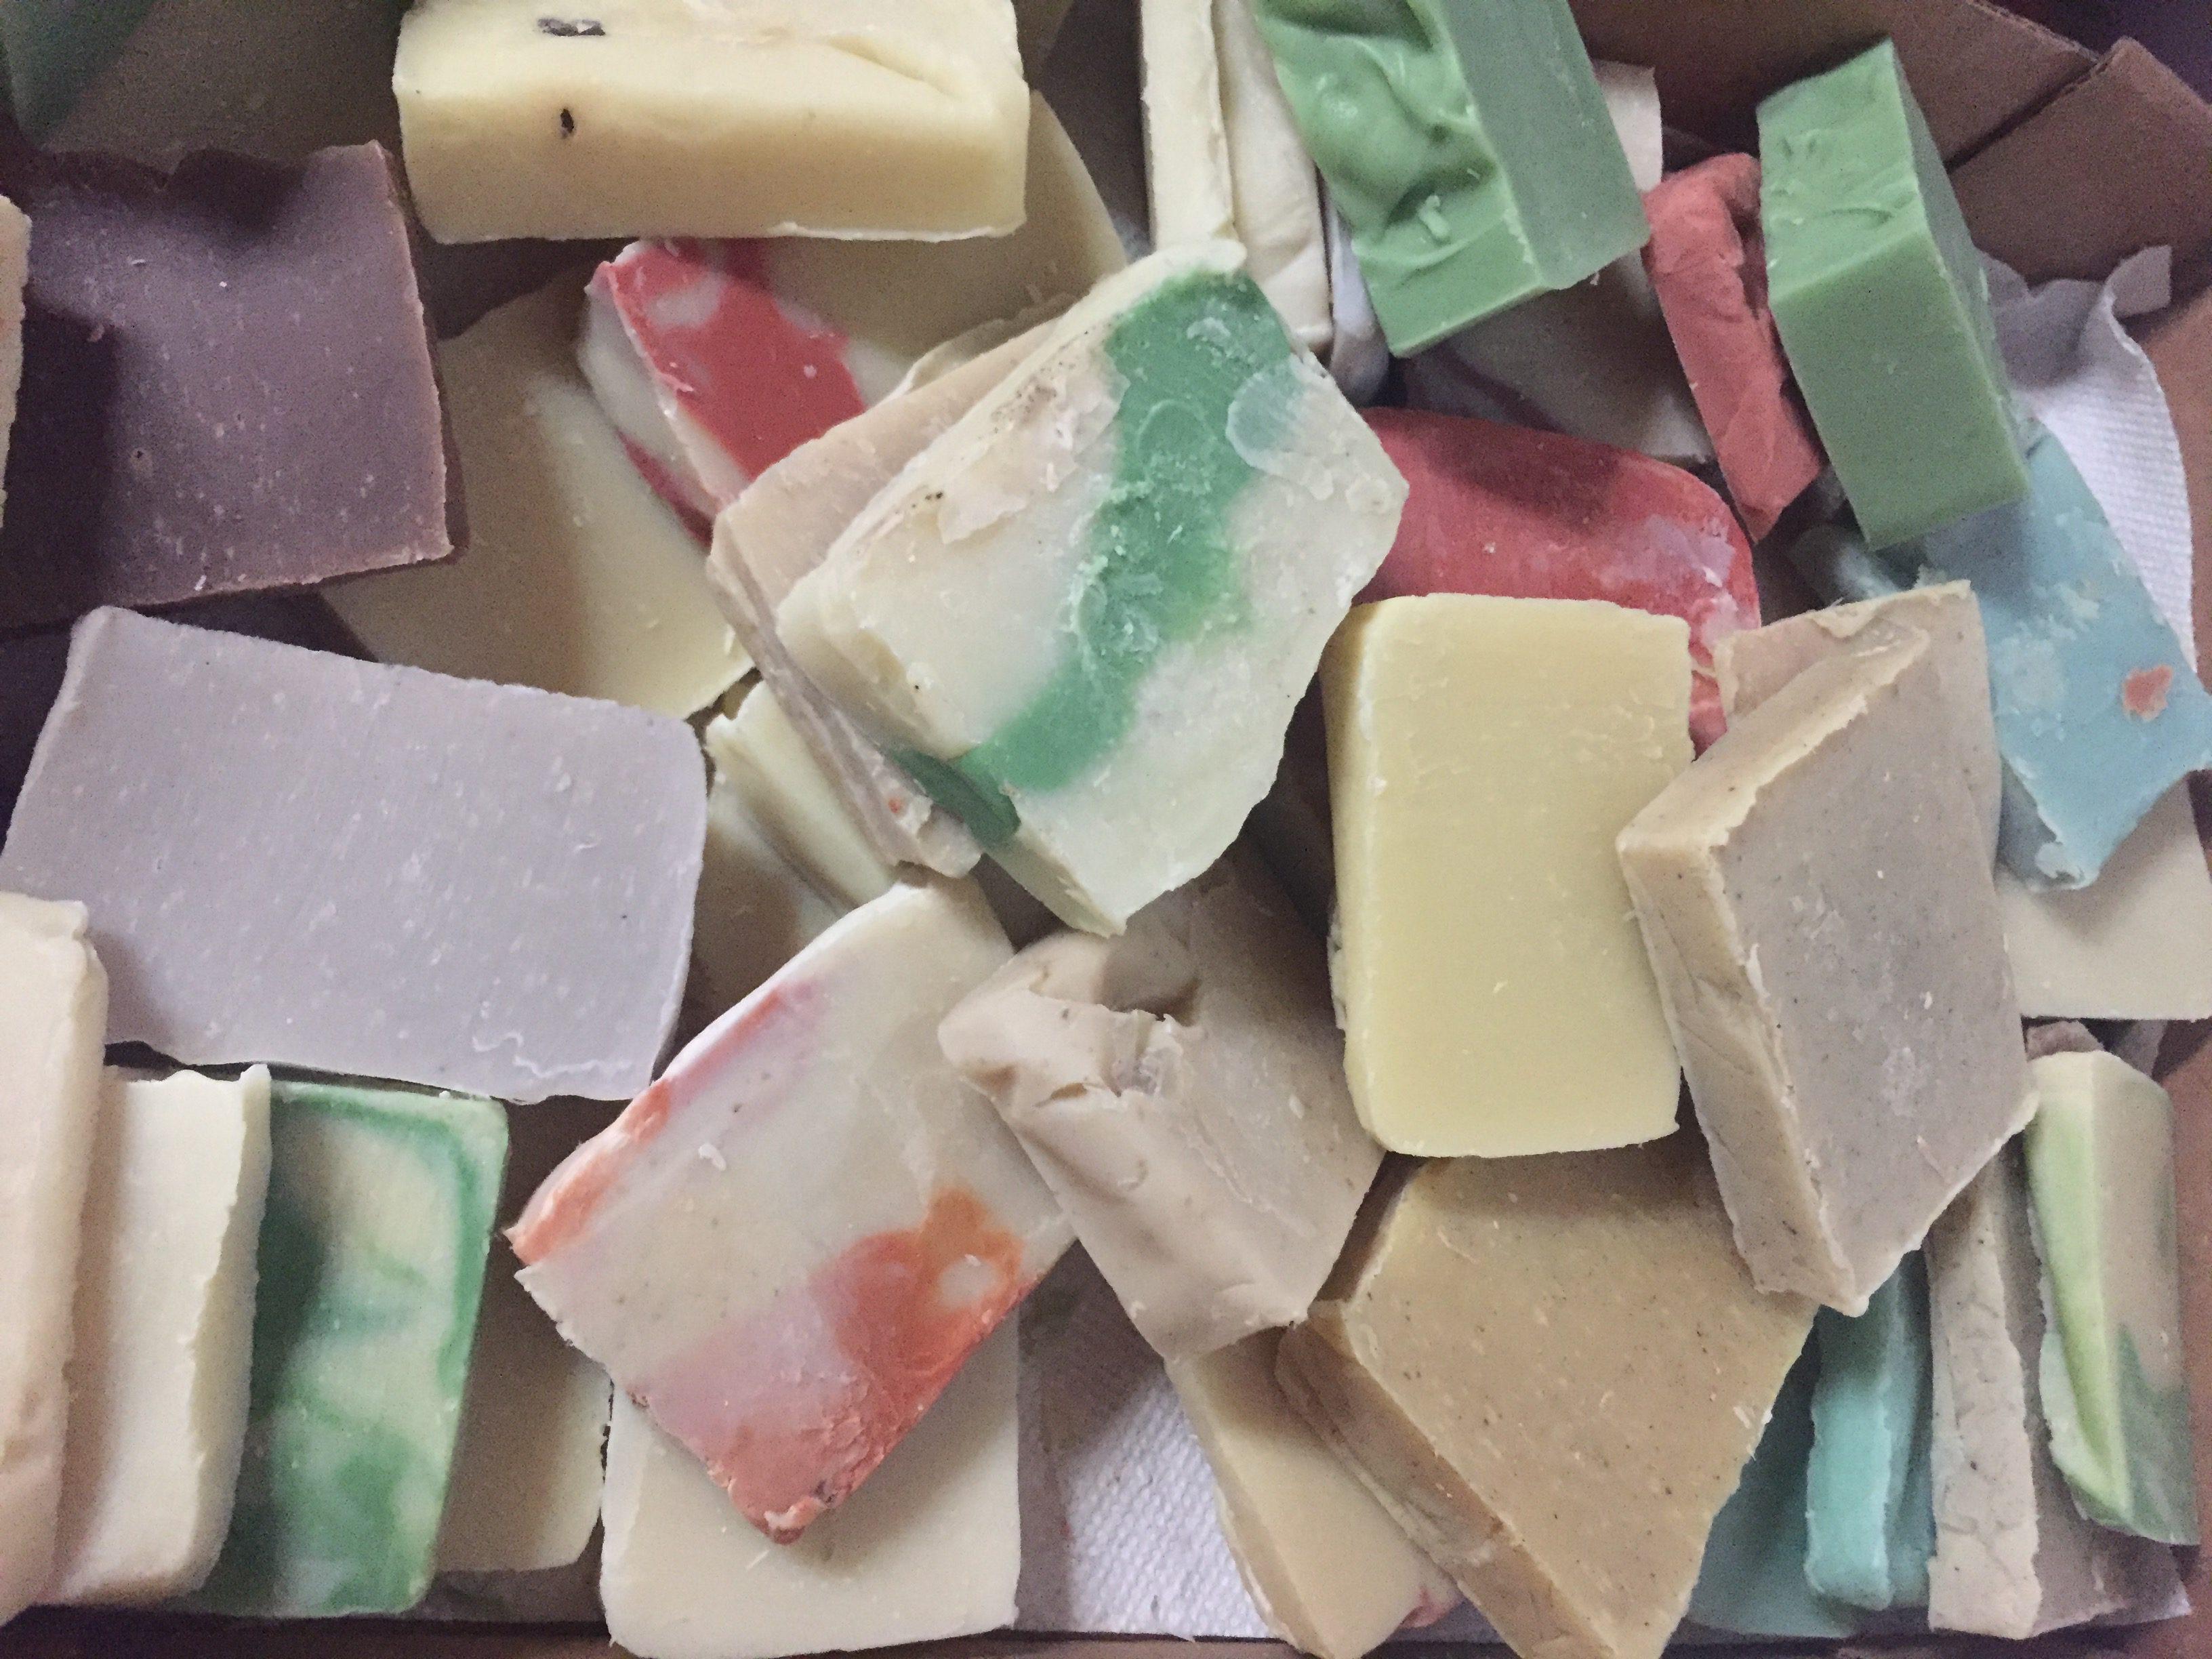 soap ends, soap scraps